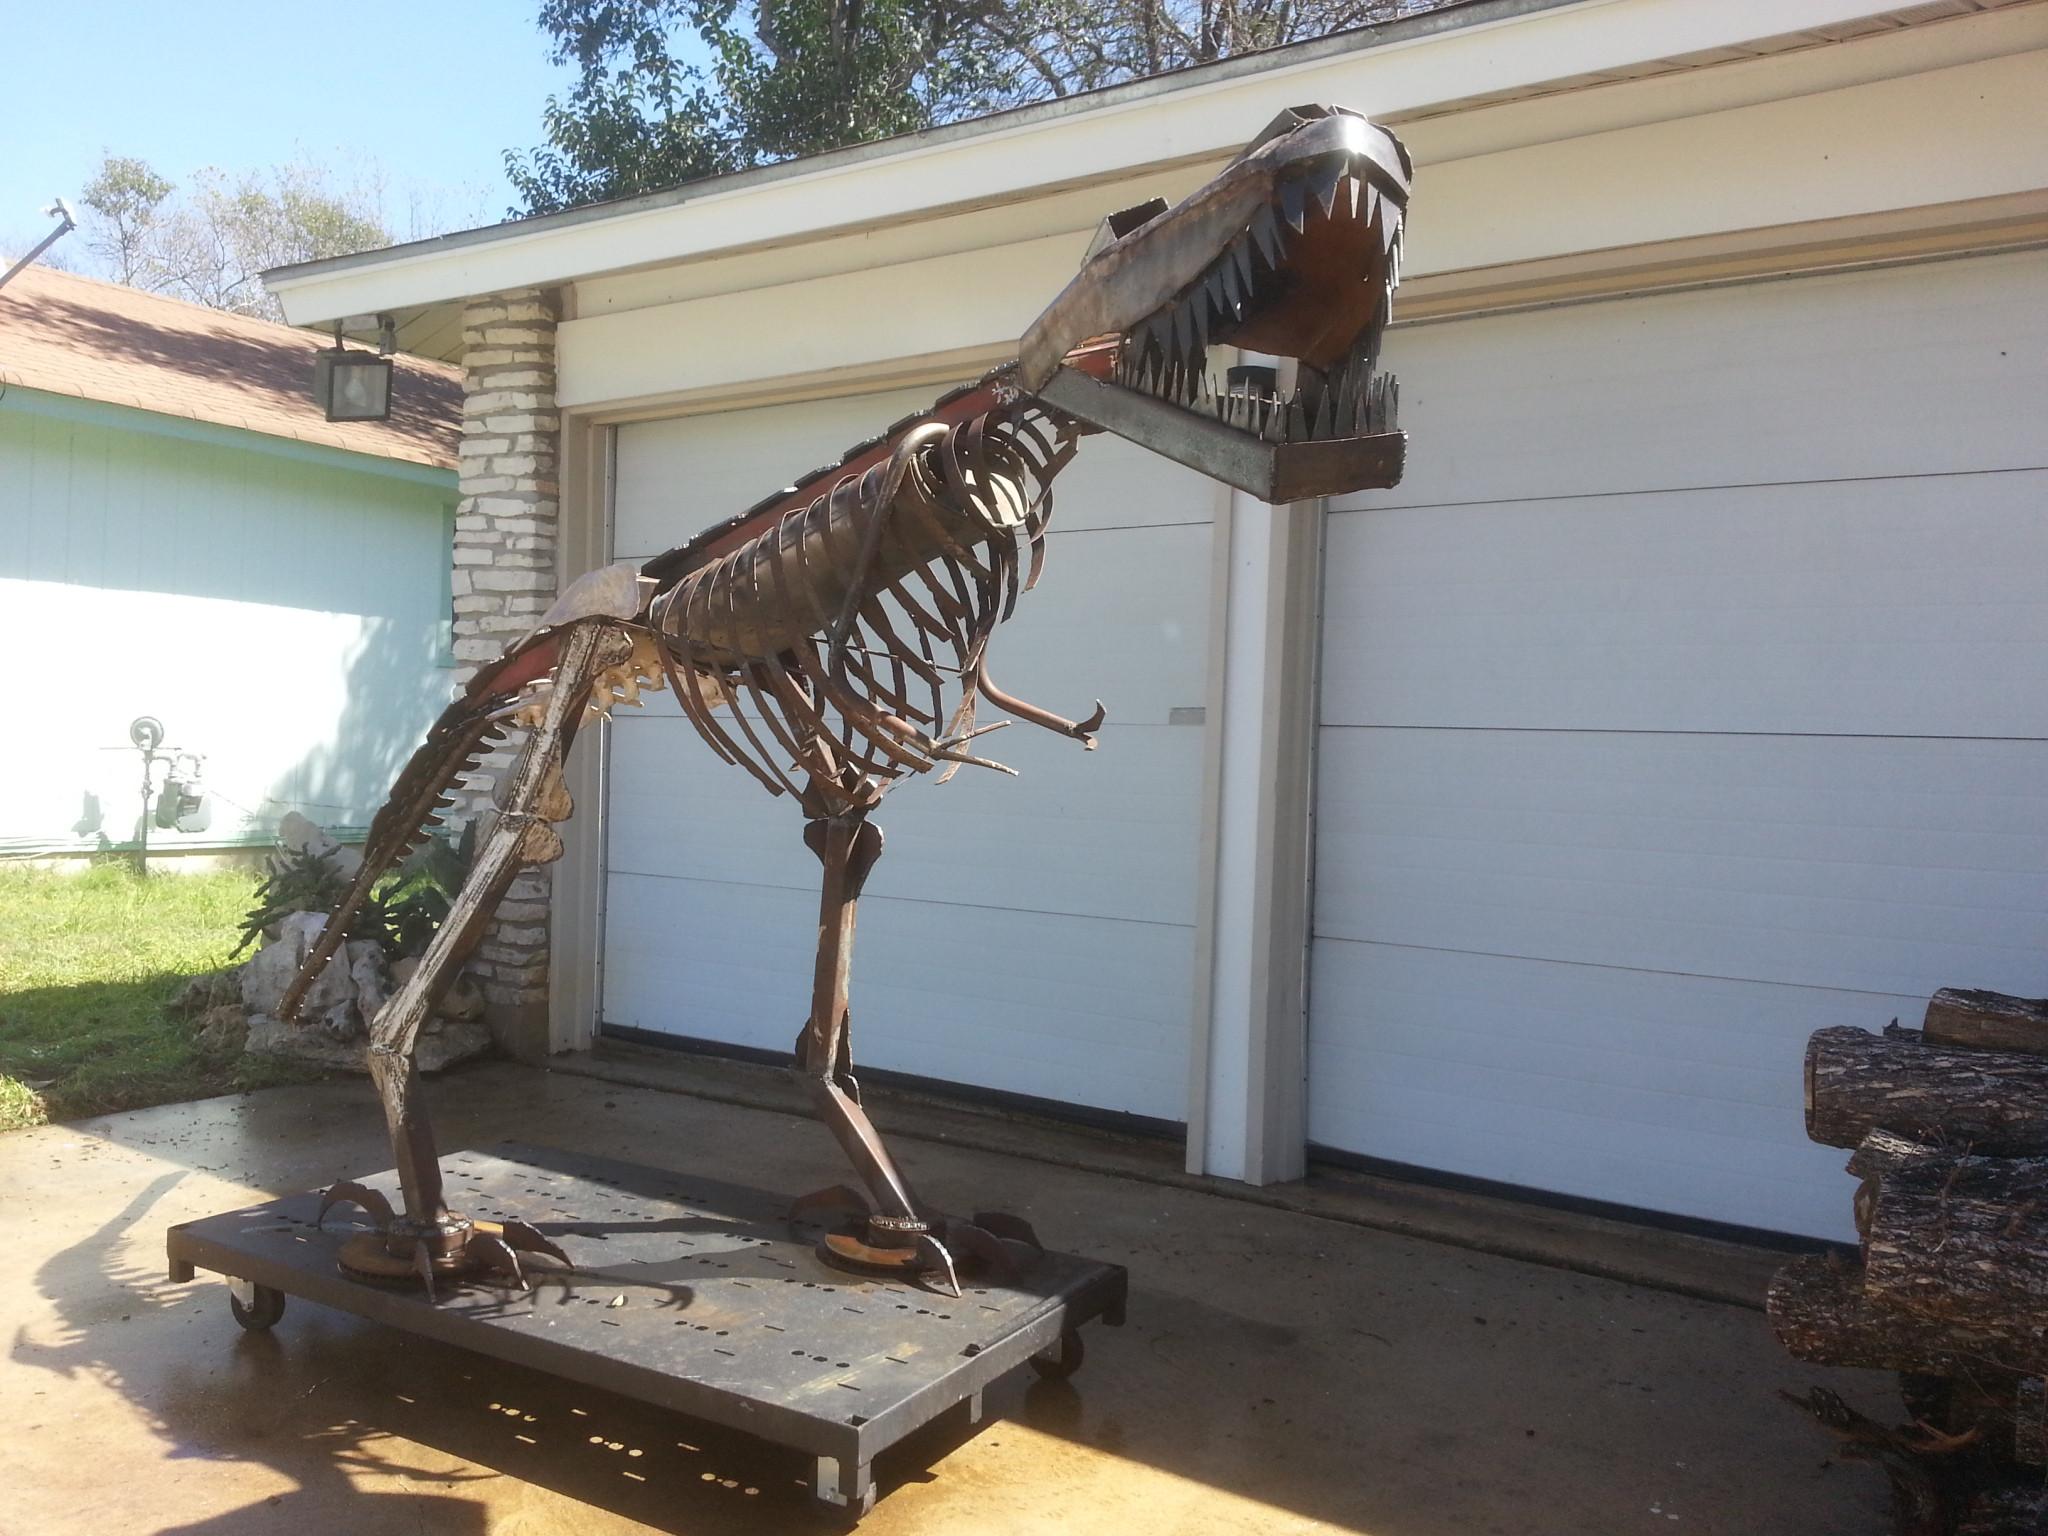 Nashasaurus Rex - Garage Montage